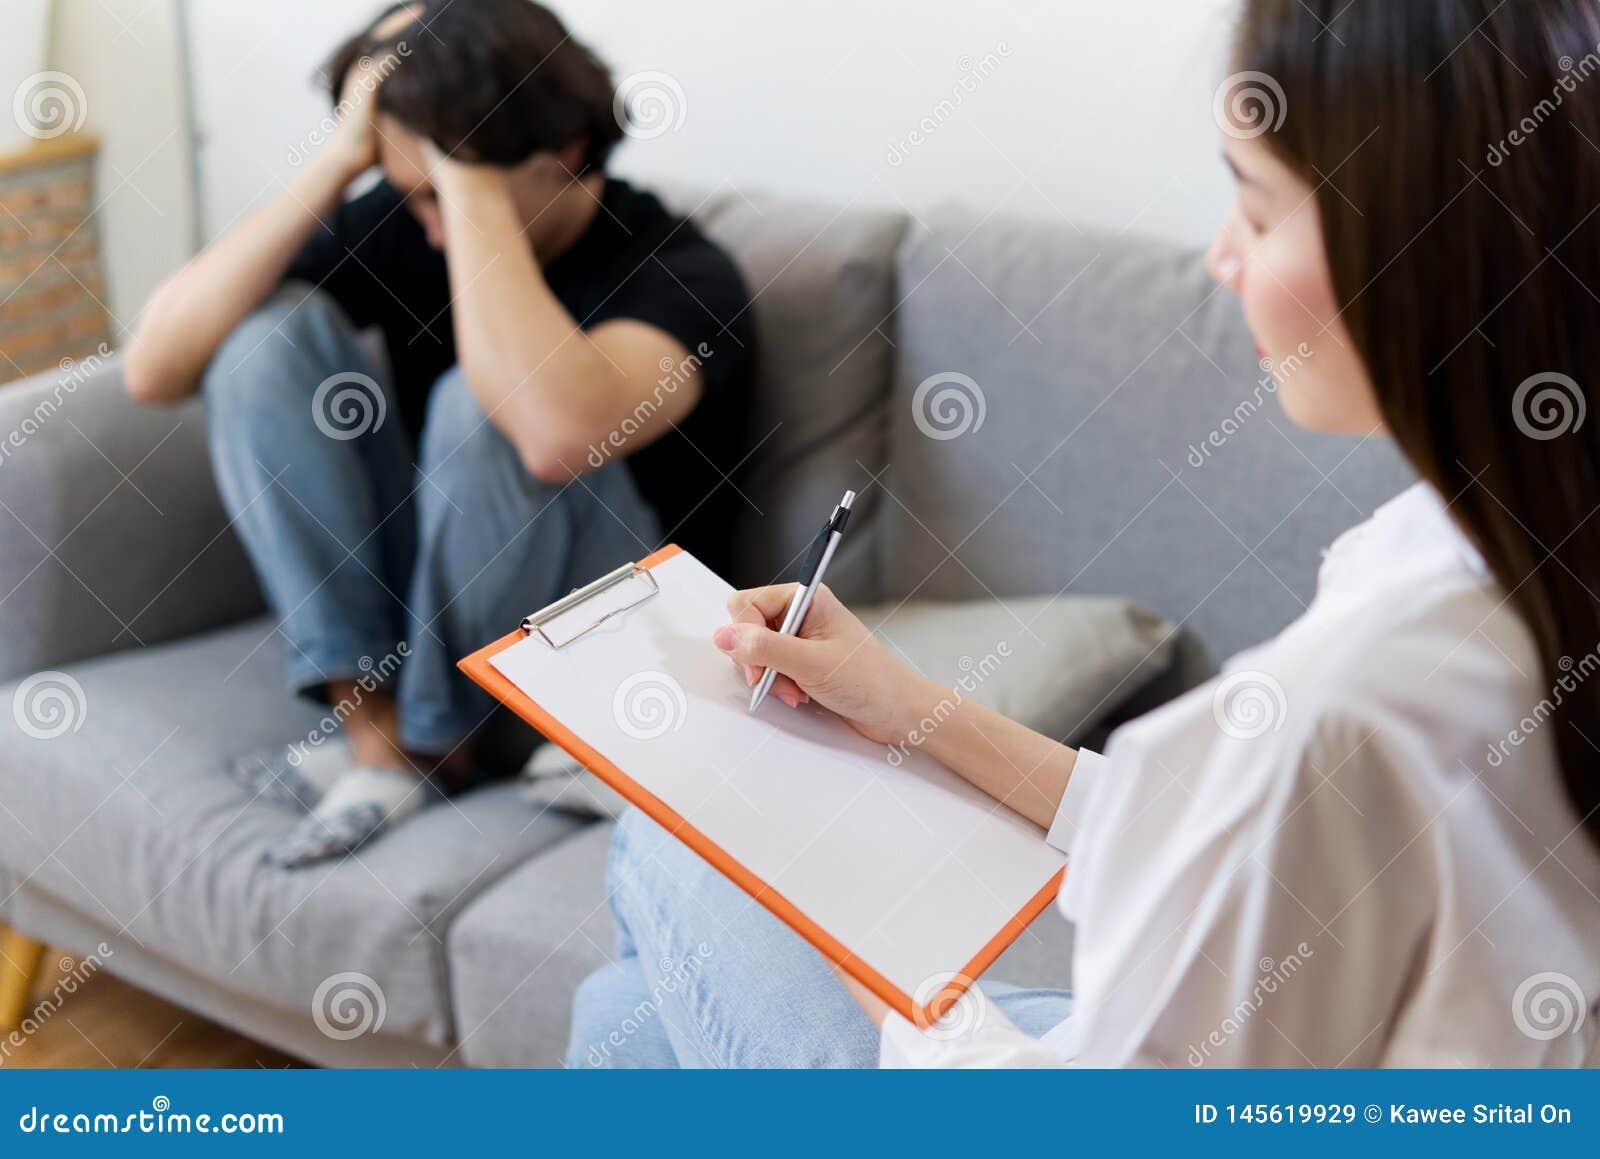 年轻男性患者坐沙发与女性心理学家协商